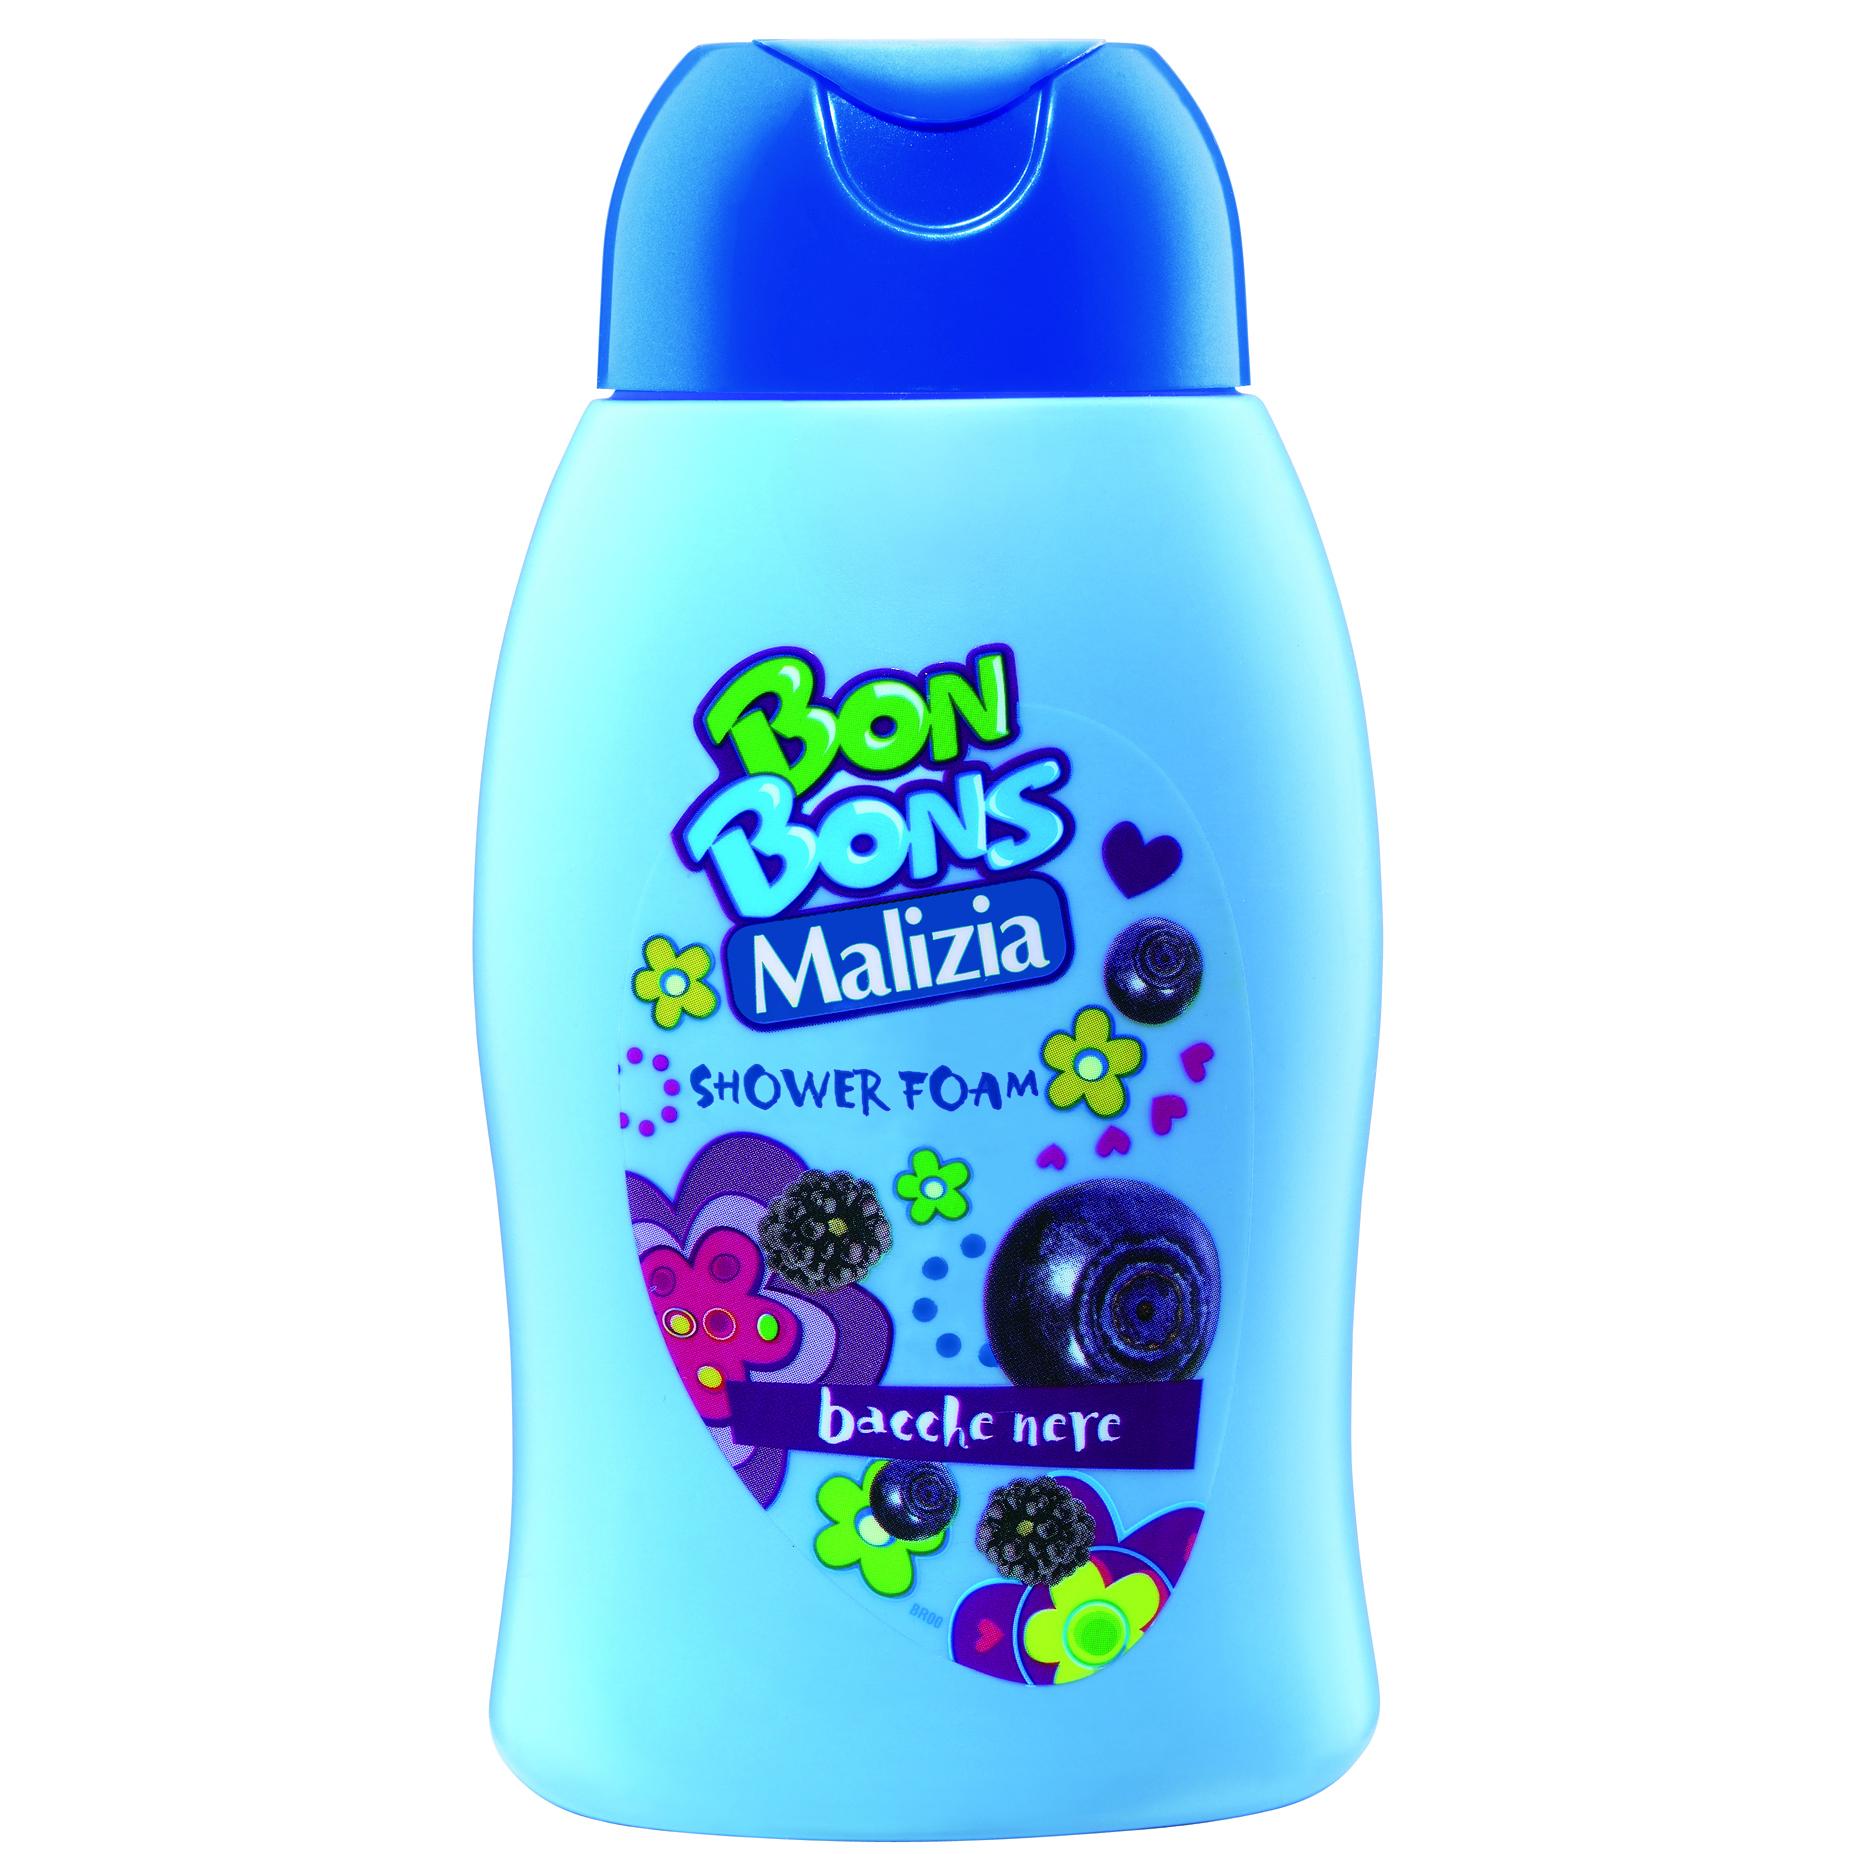 ���� ��� ���� Malizia Bon Bons Black Berry  250 ��